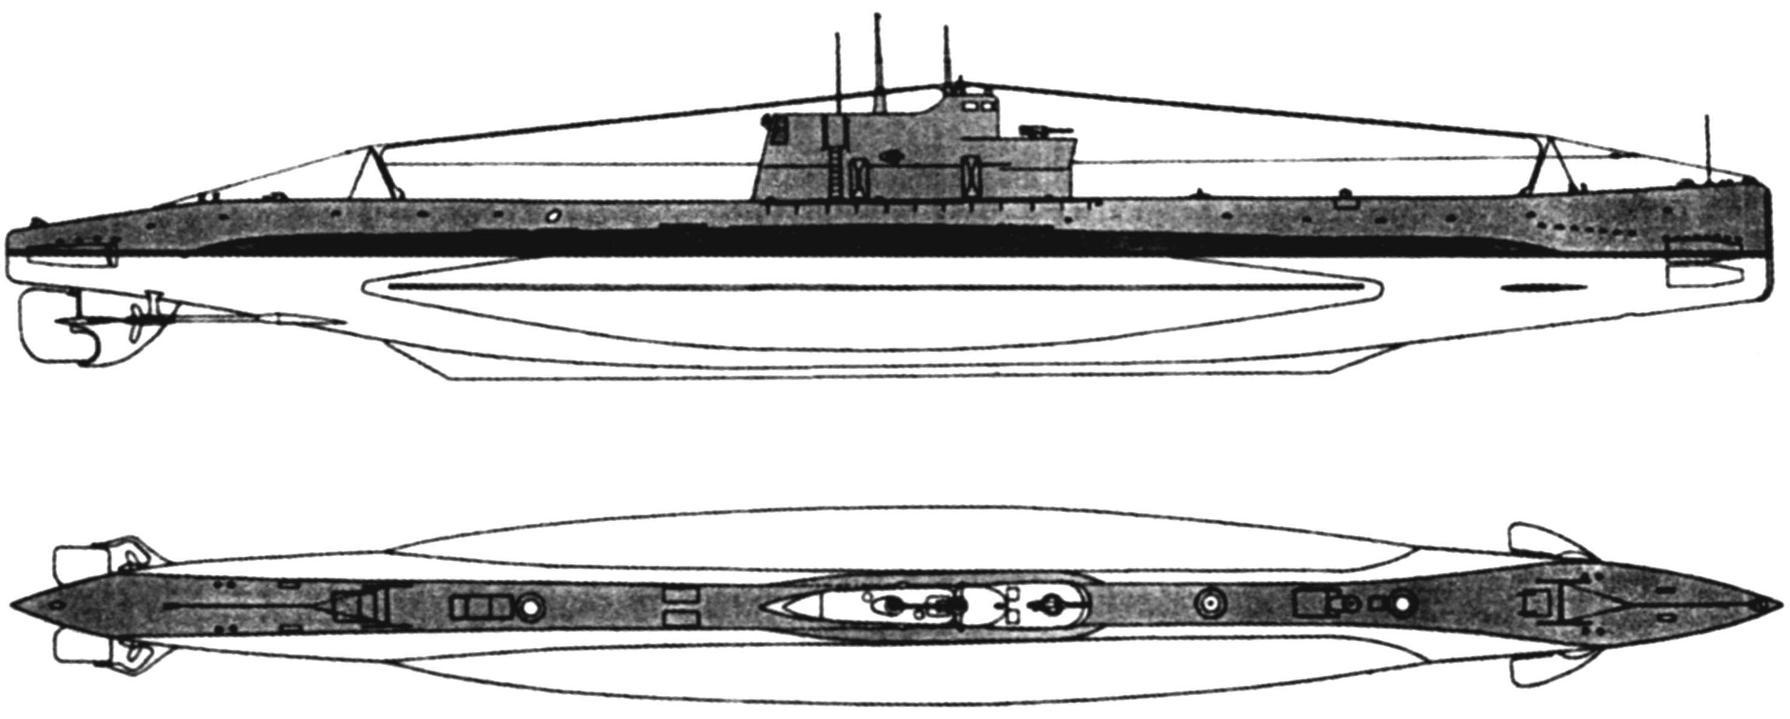 Подводная лодка «Щ-301» («Щука»), 3-я серия, СССР, 1933 г.